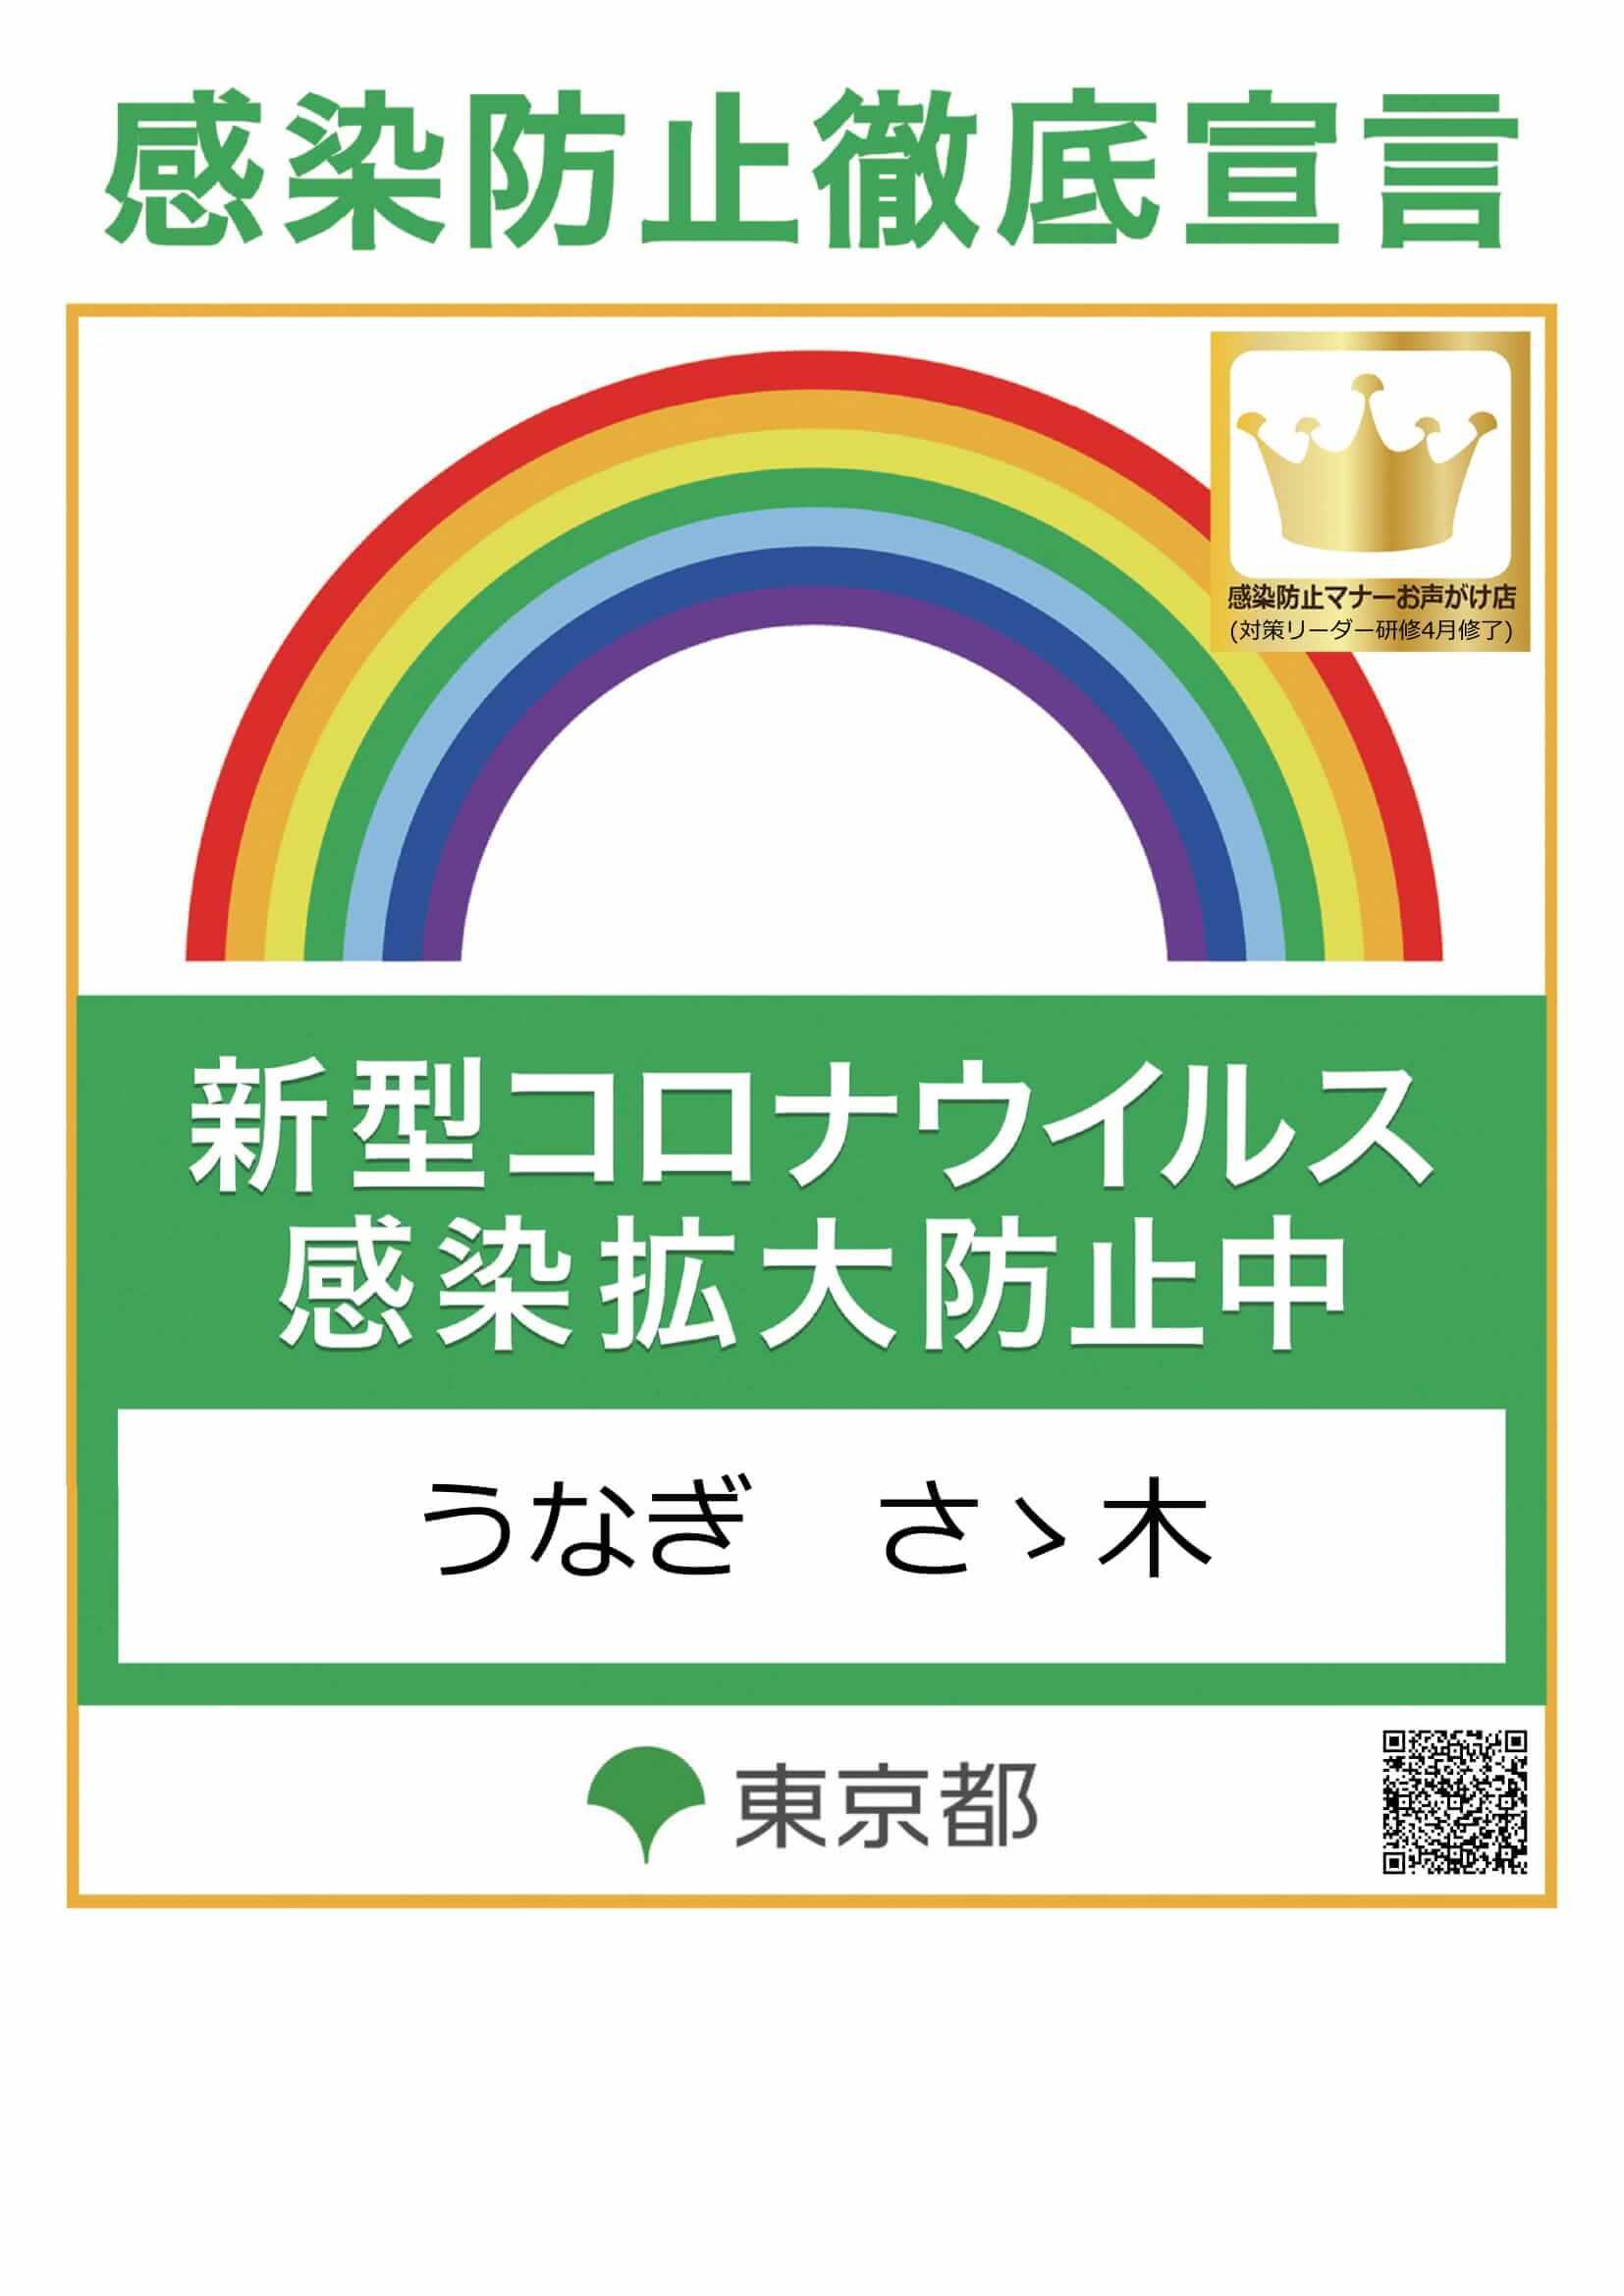 感染防止徹底宣言声がけ店 東京都